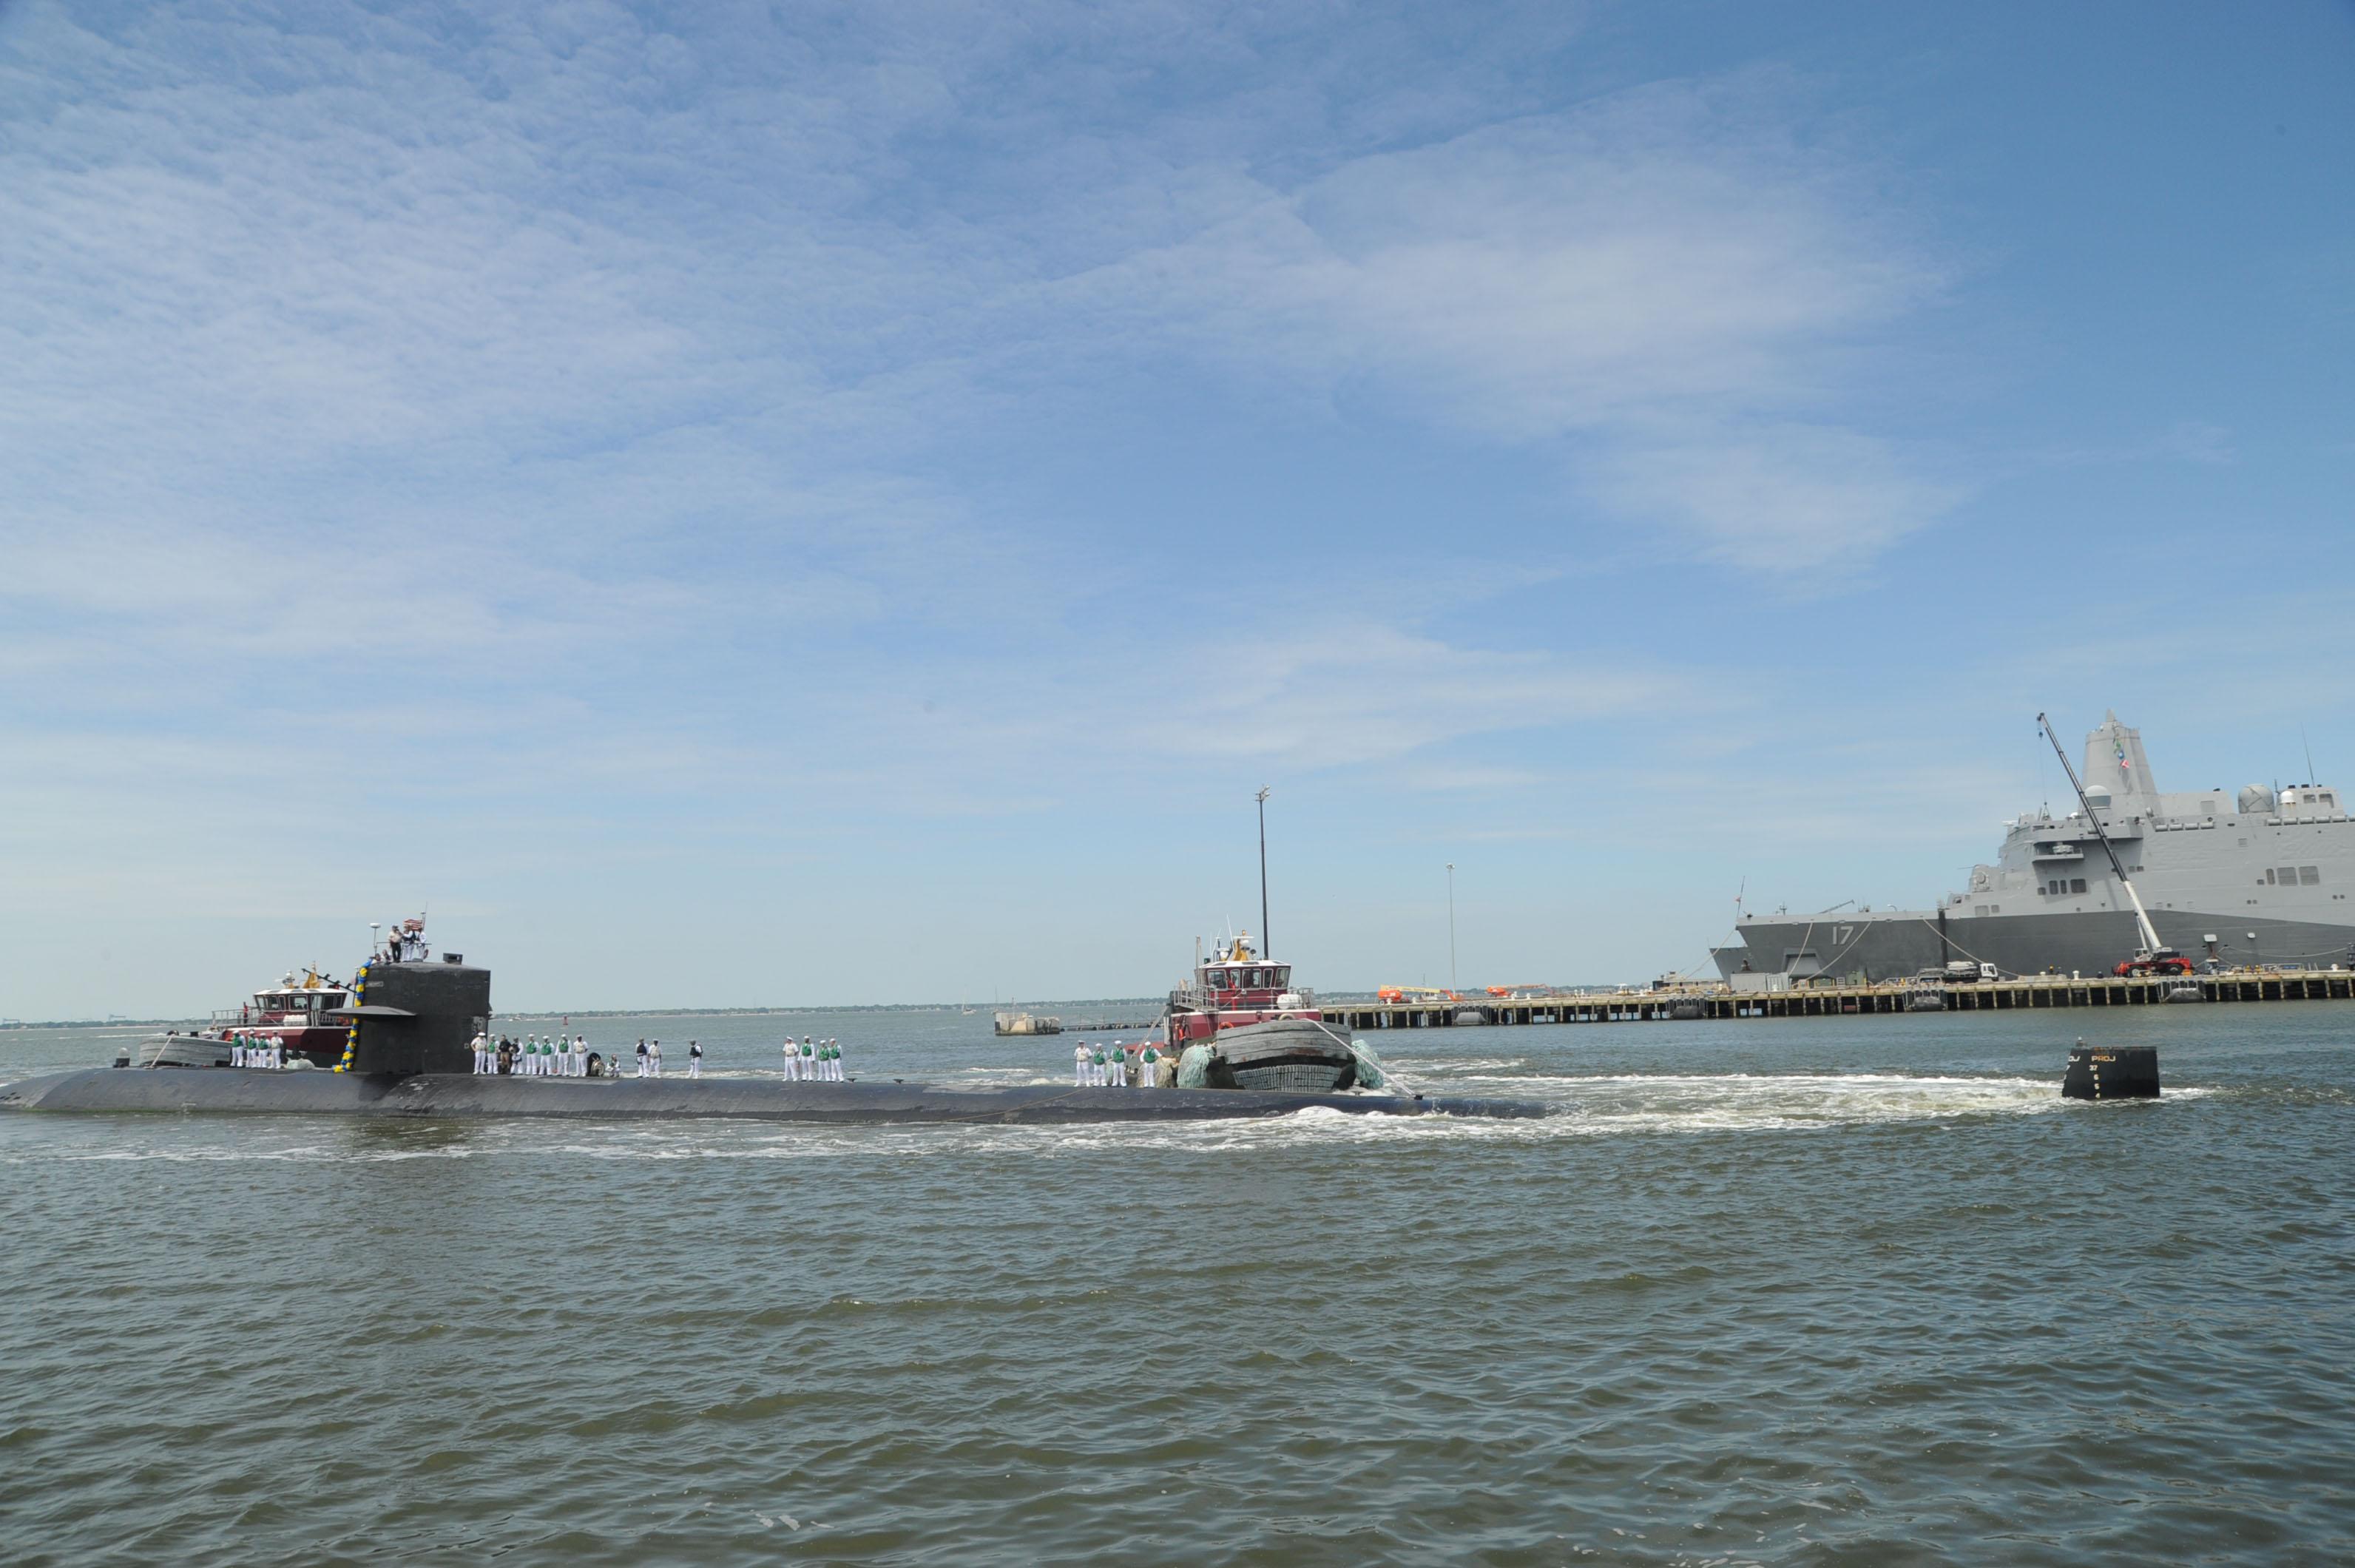 USS HELENA SSN-725 Einlaufen Norfolk am 15.05.2015 Bild: U.S. Navy